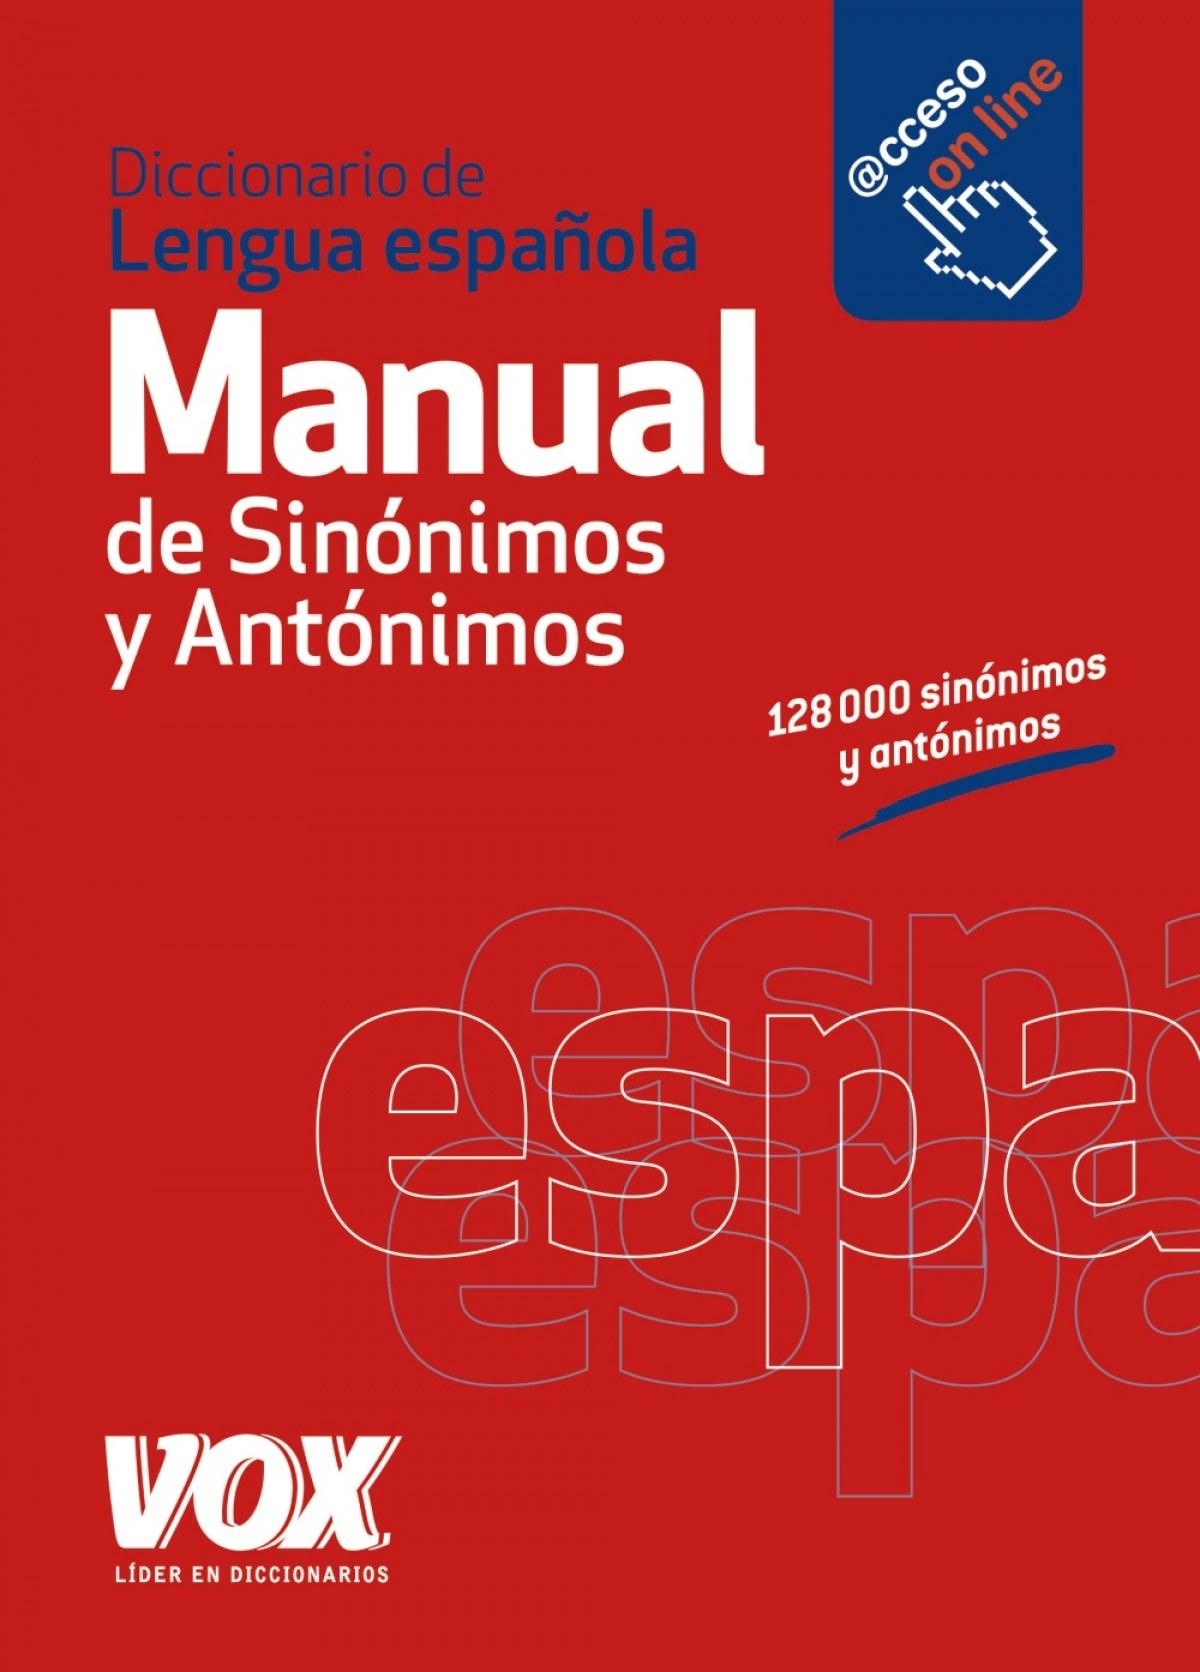 Diccionario manual de sinónimos y antónimos de la Lengua Española 9788499741475